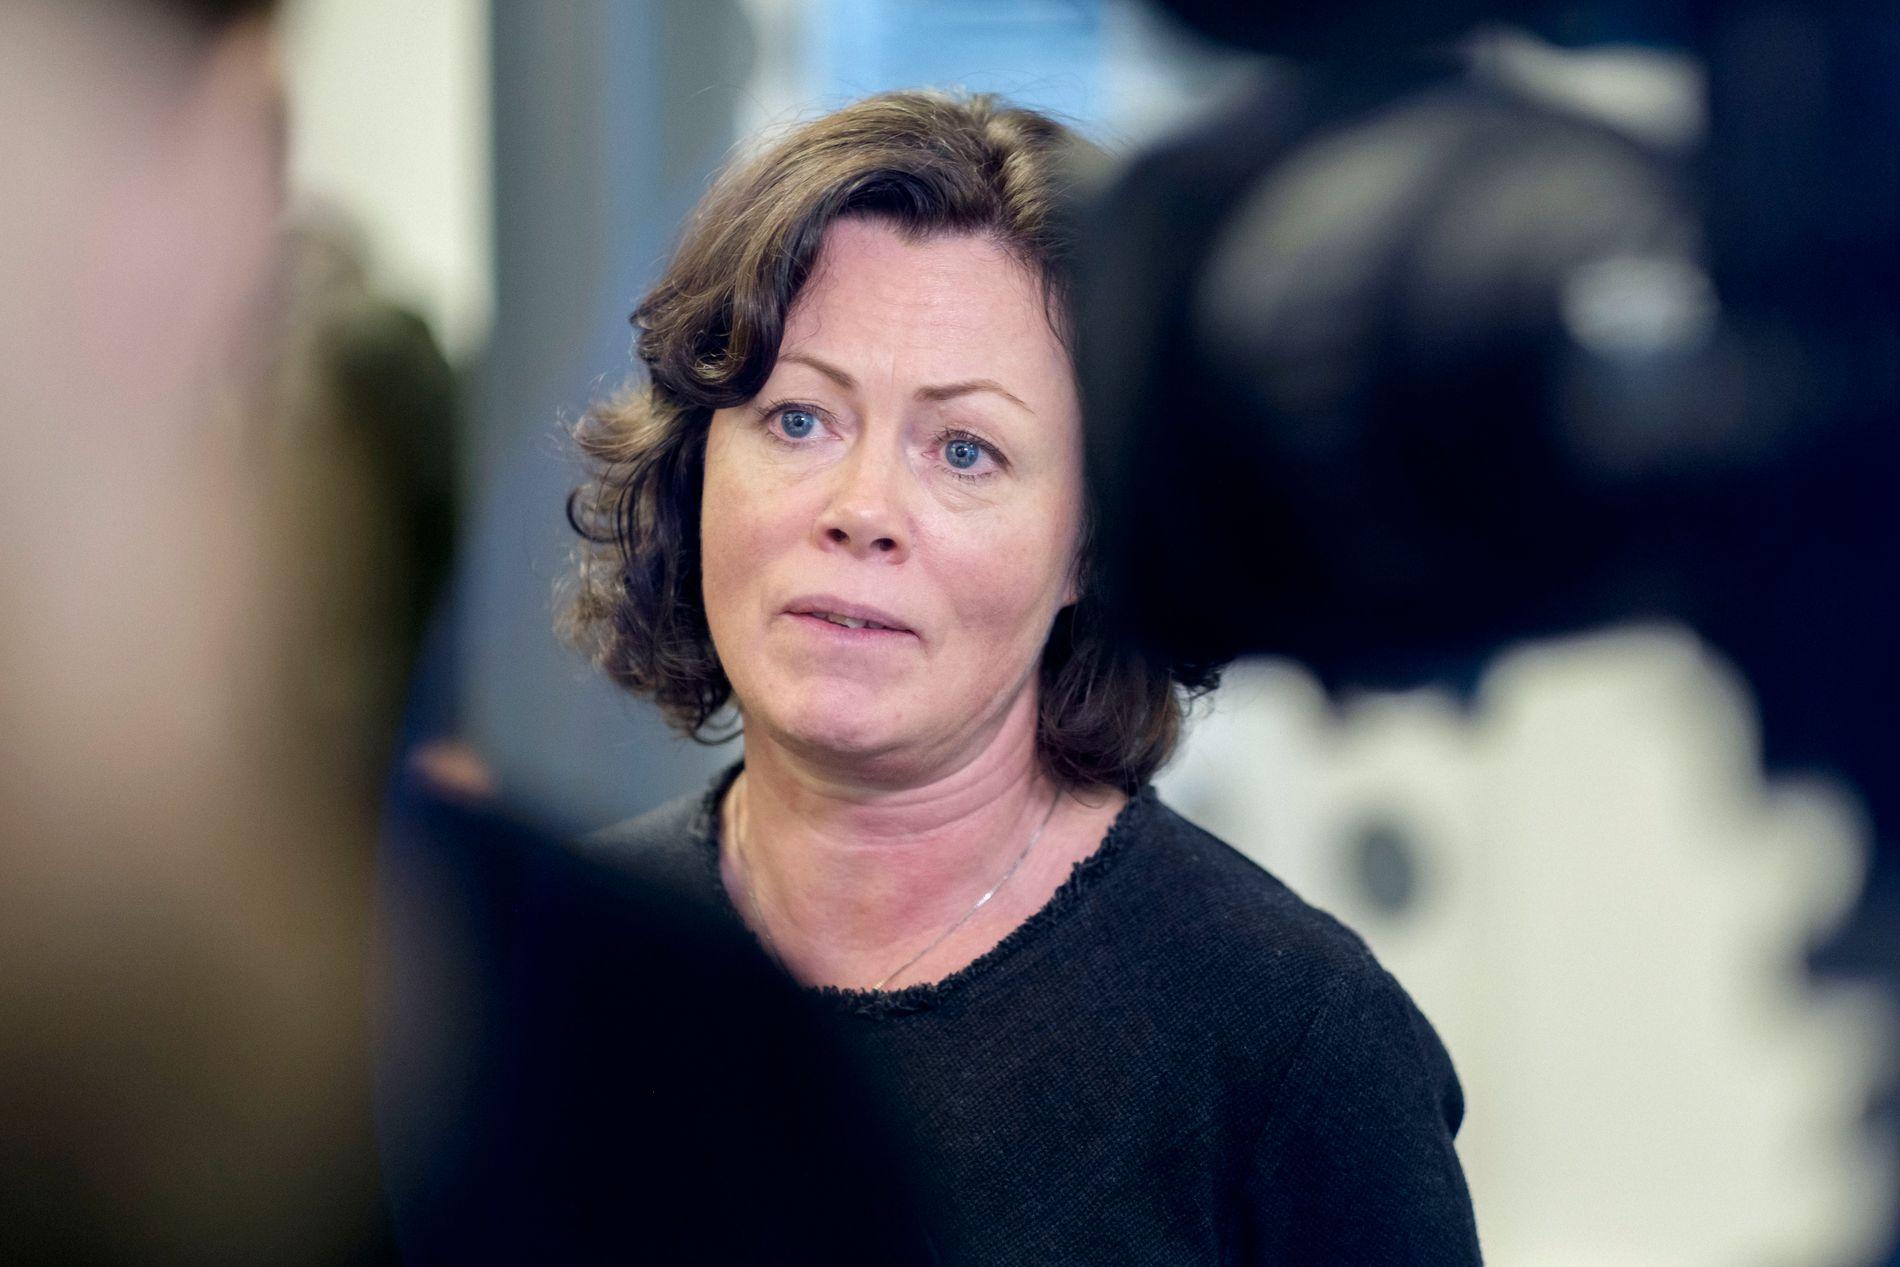 I går la barneminister Solveig Horne (Frp) frem forslag til lovendringer som skal gjøre foreldreskapet mer likestilt i tilfeller der mor og far ikke bor sammen.